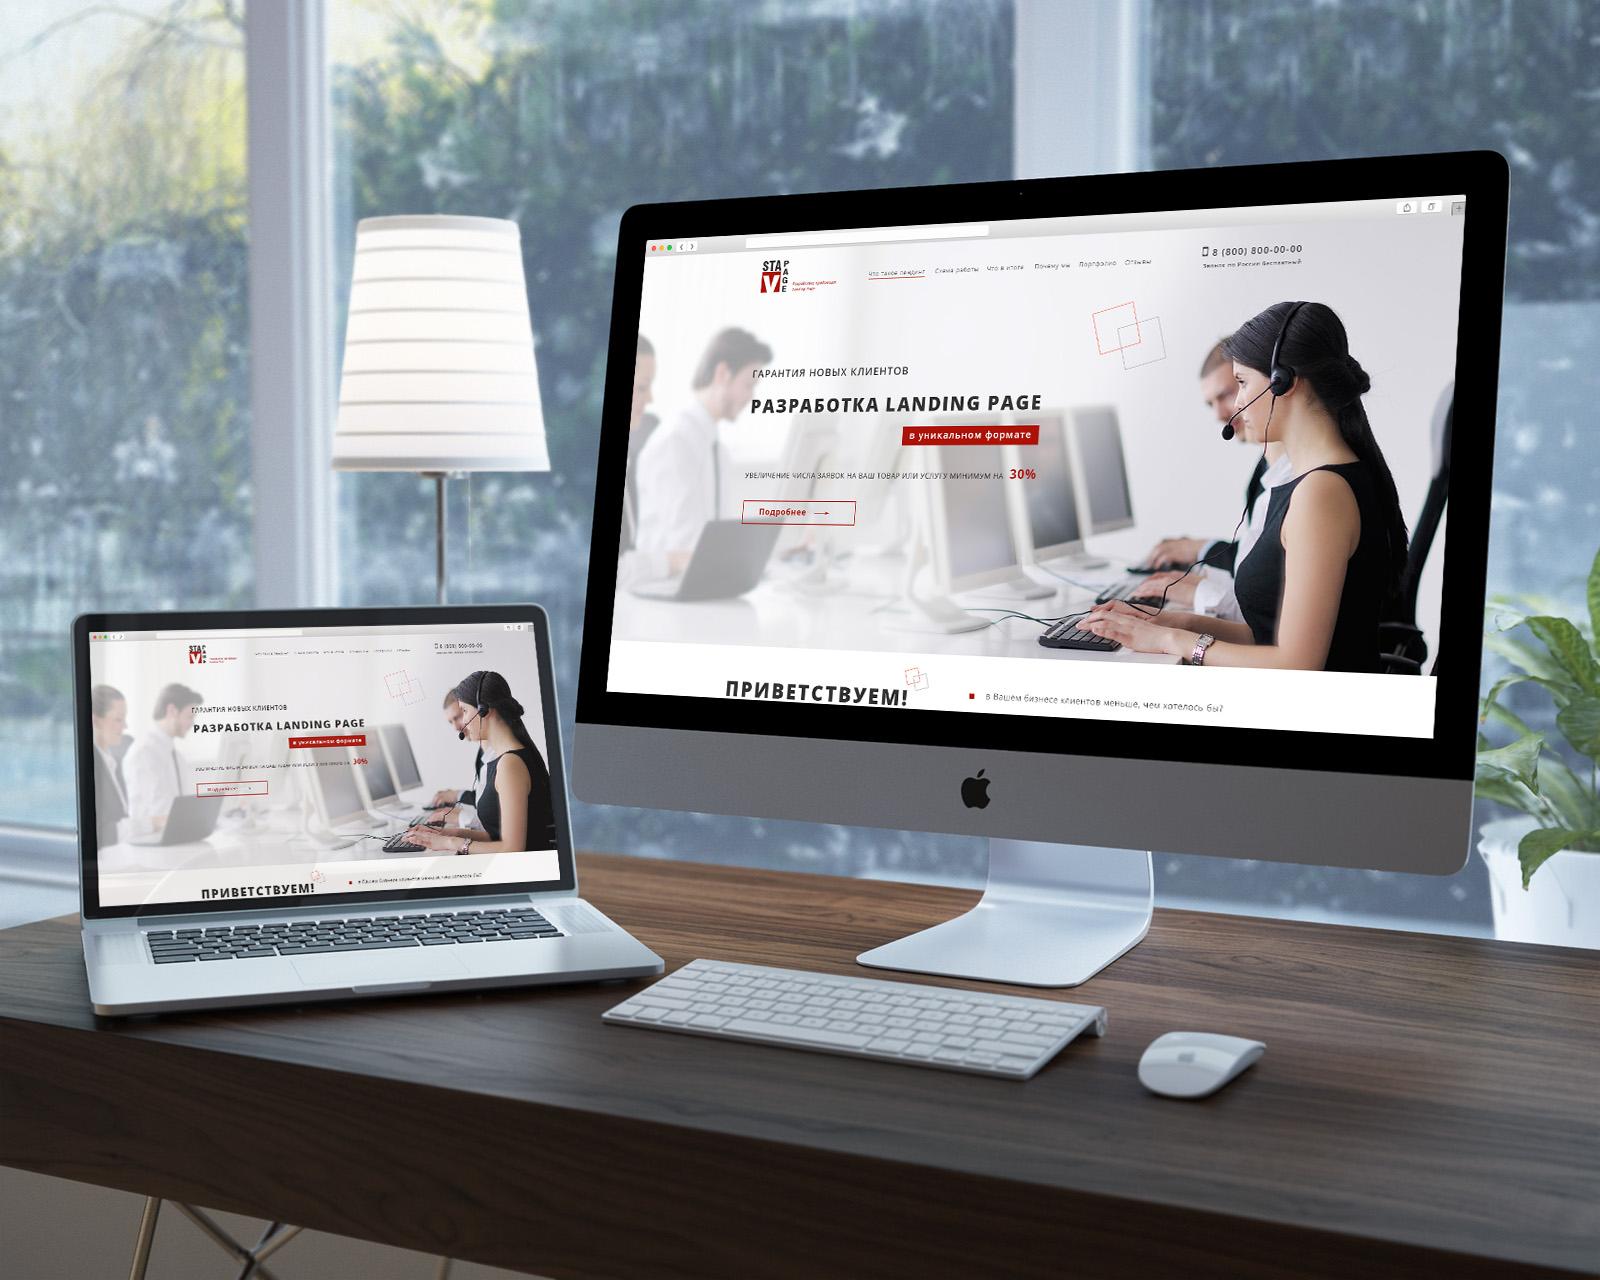 Студия создание сайтов рейтинг создание сайта информация о себе